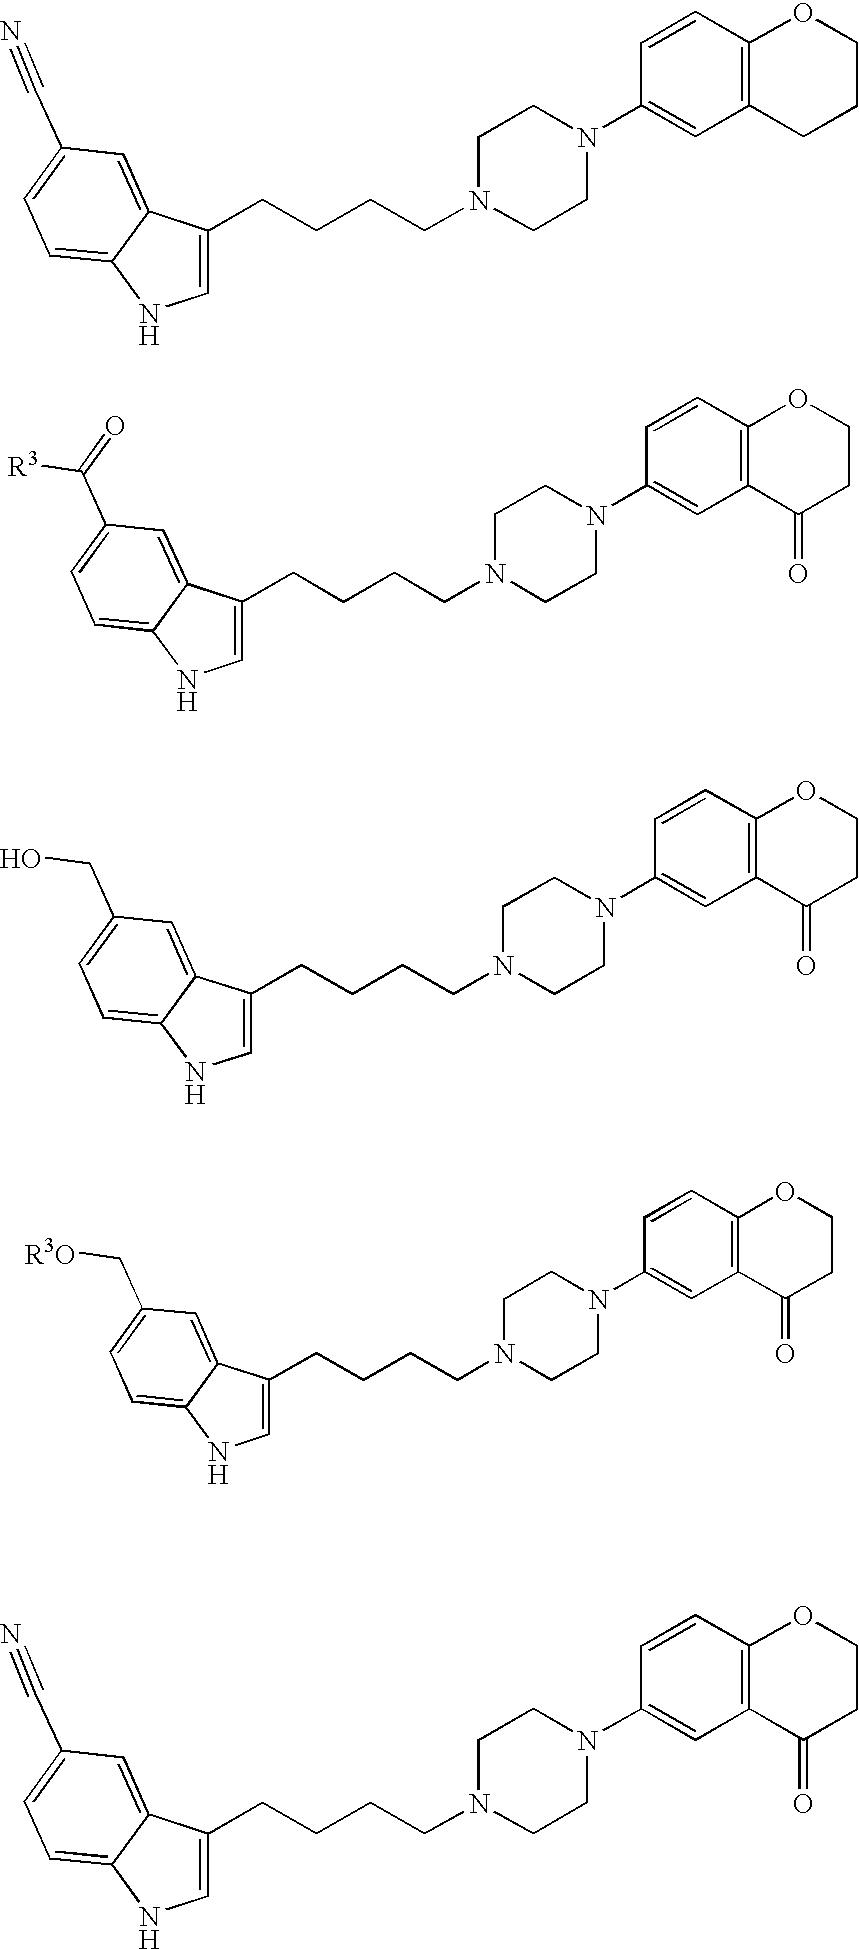 Figure US20100009983A1-20100114-C00115